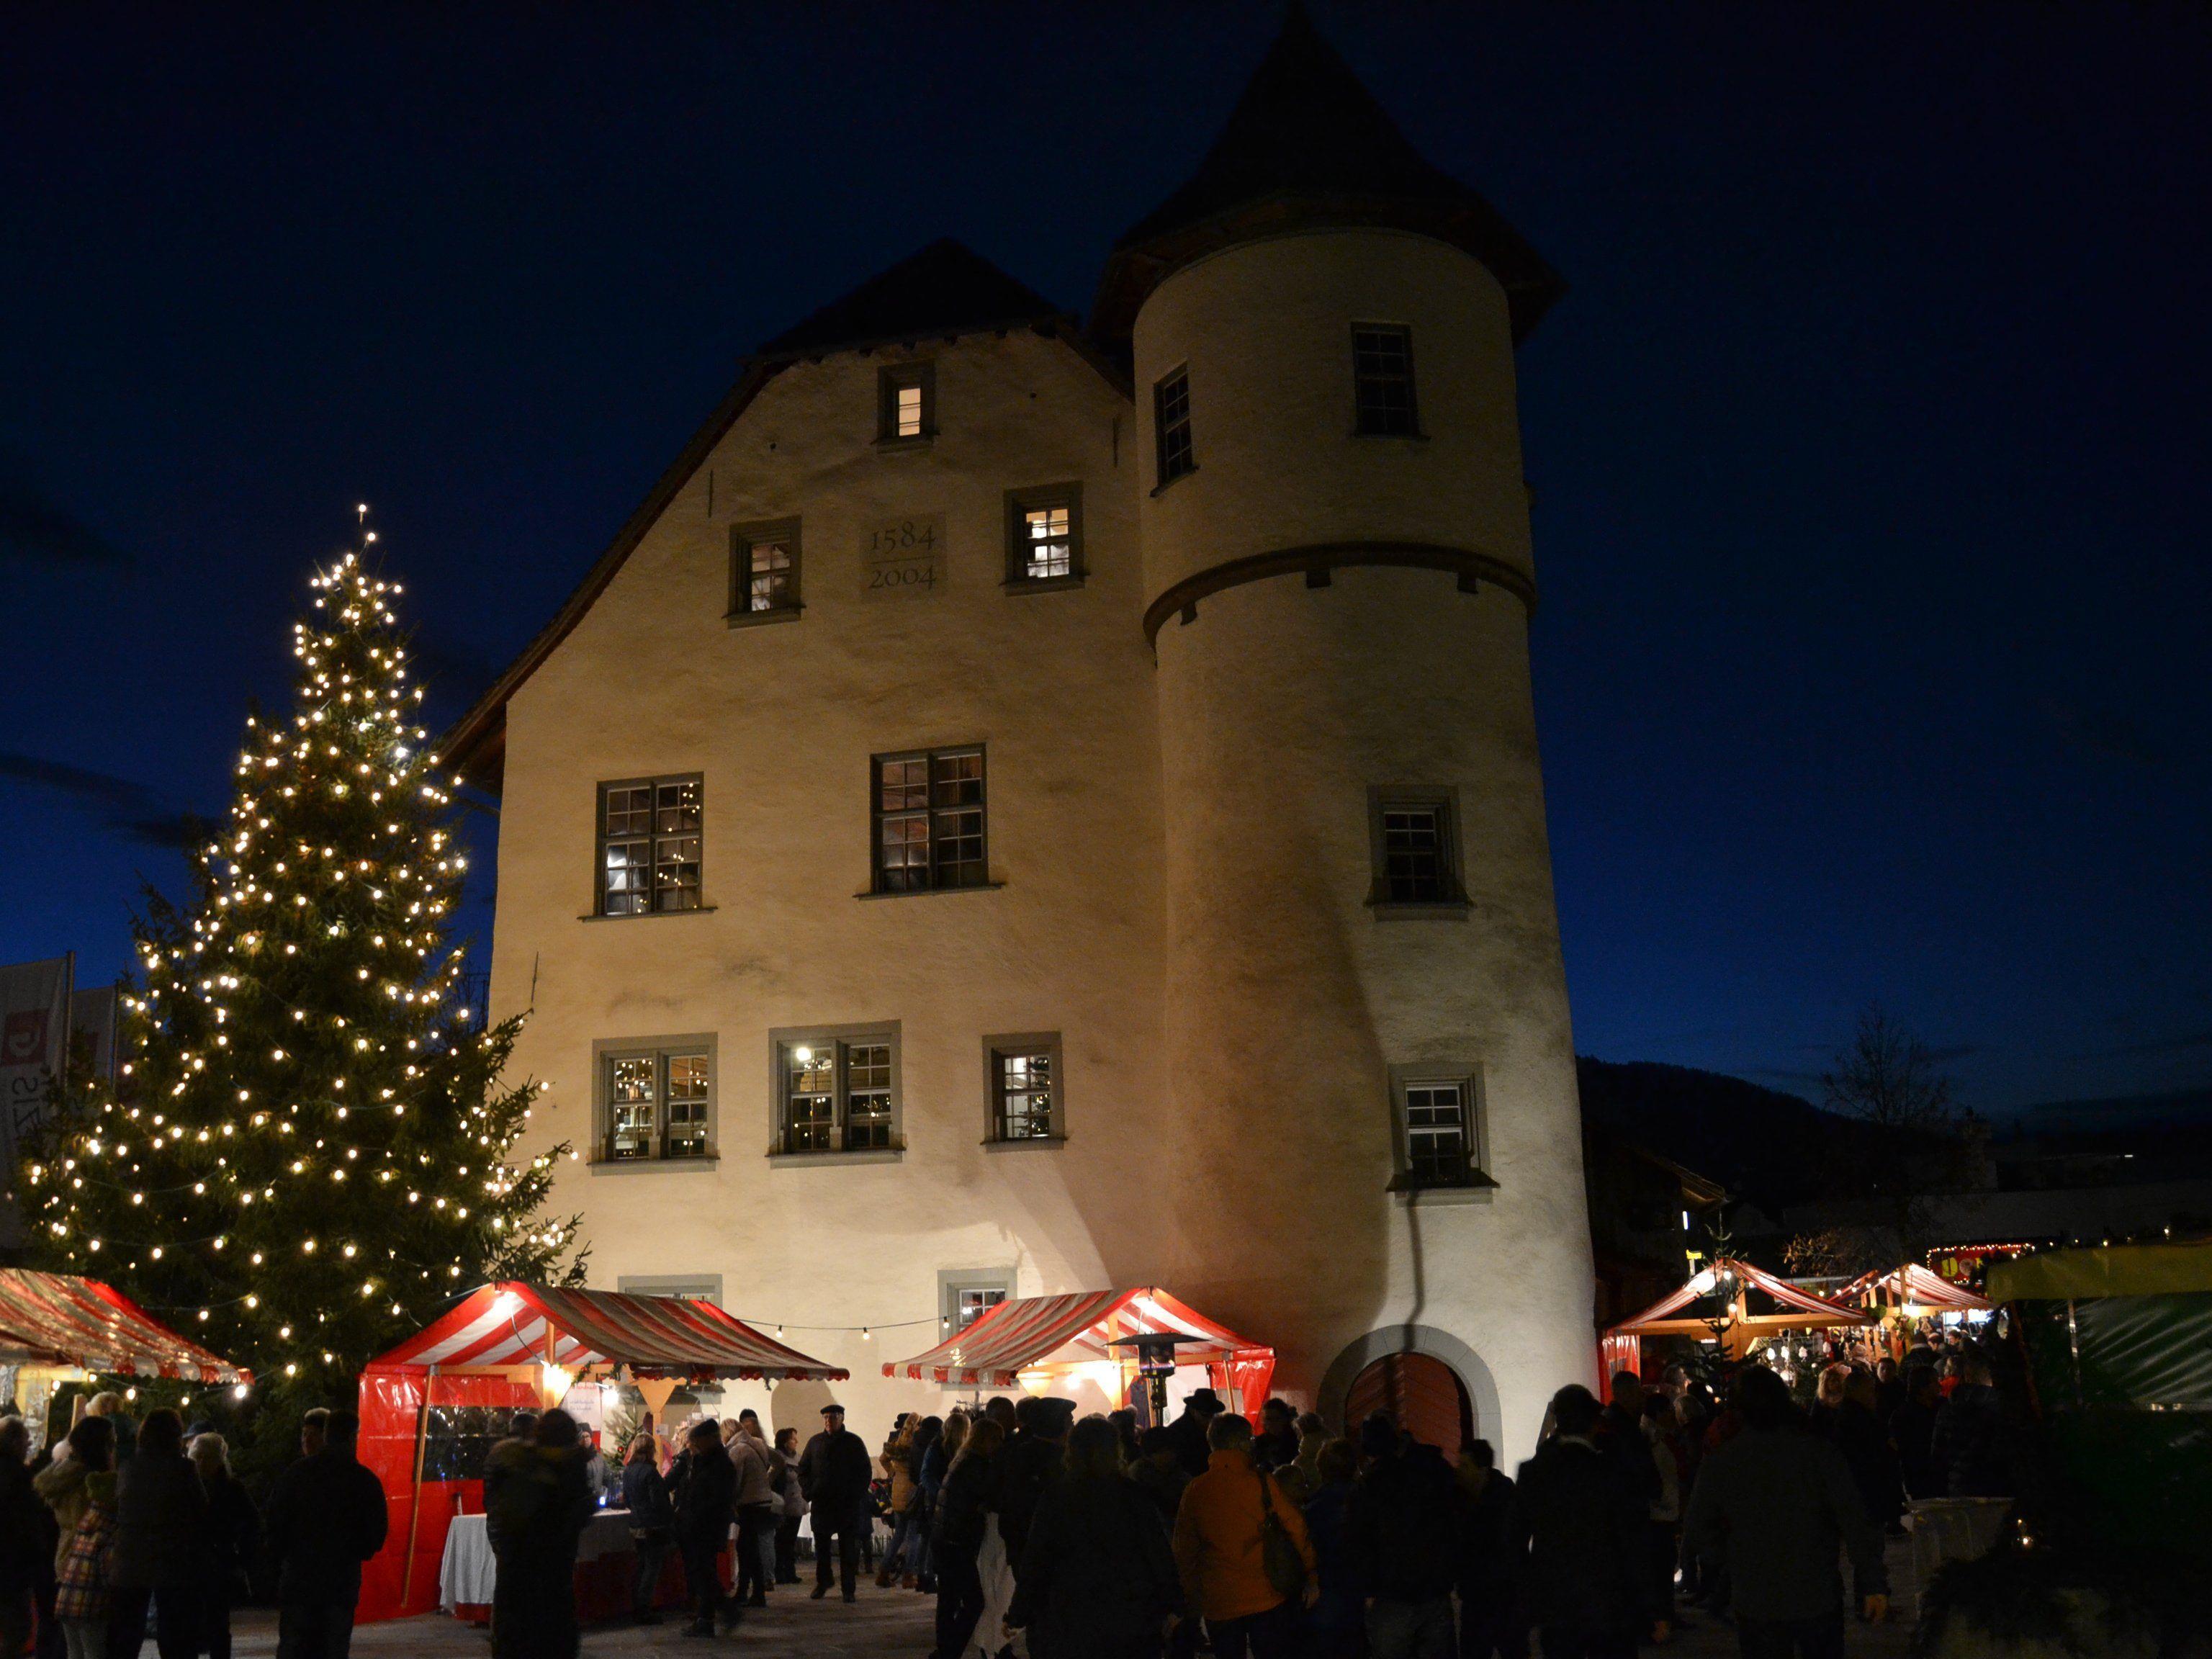 Romantischer Weihnachtsmarkt.Romantischer Weihnachtsmarkt Beim Jonas Schlössle Götzis Vol At